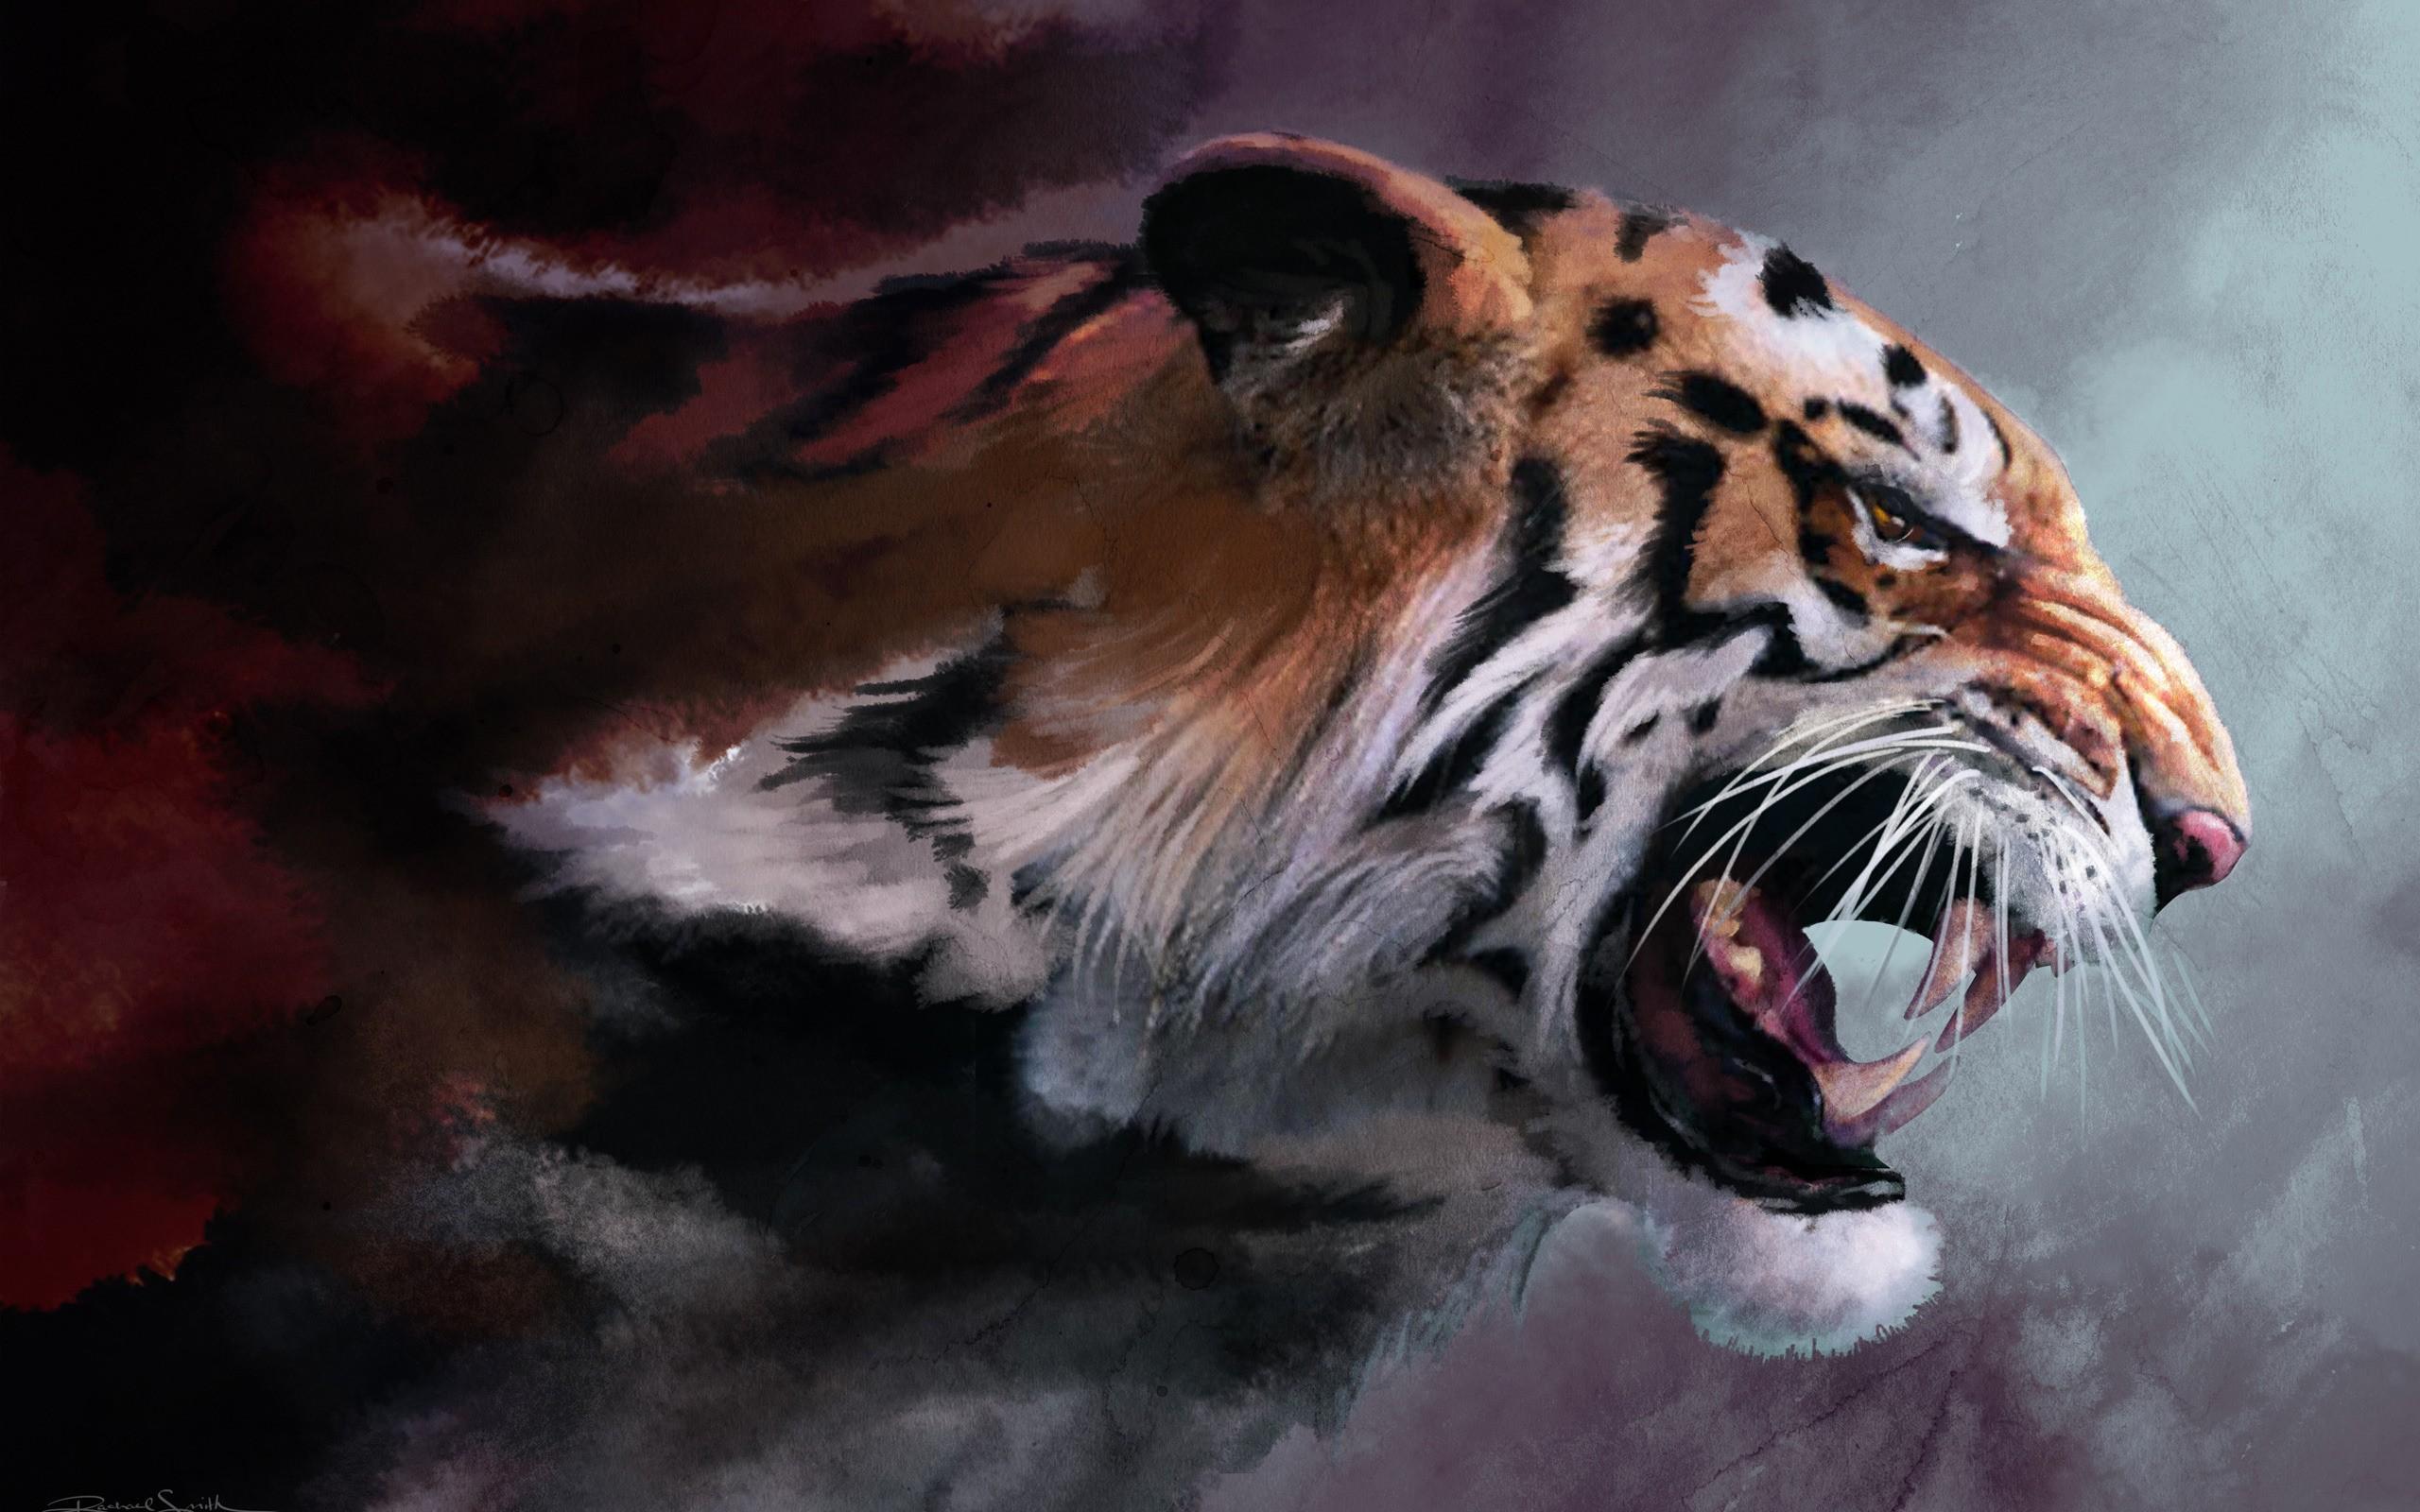 2560x1600 Tiger desktop PC and Mac wallpaper 2560x1600